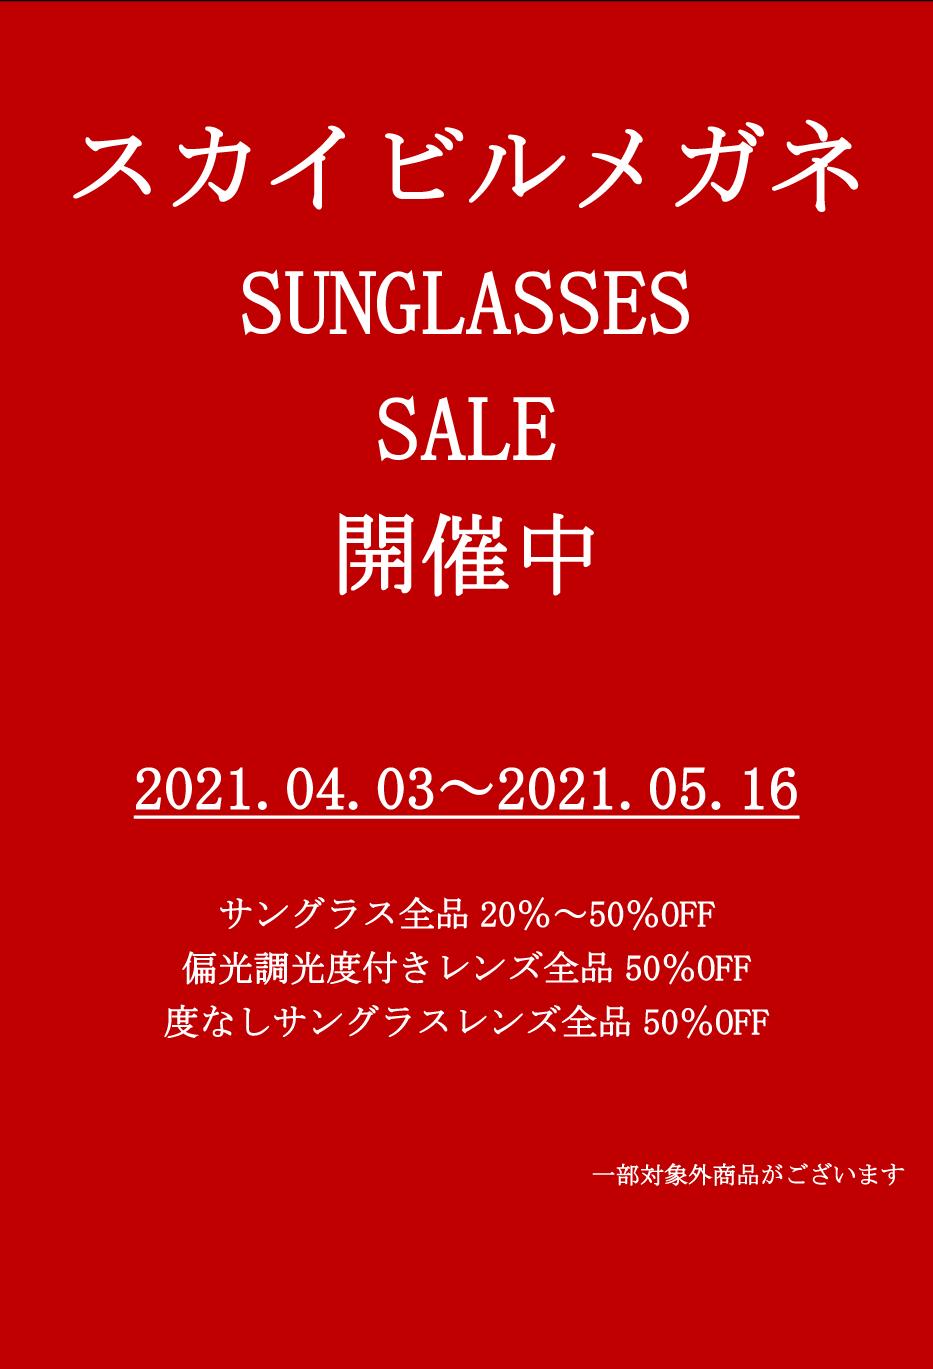 サングラスセールPOP2 2021,04,03-A3